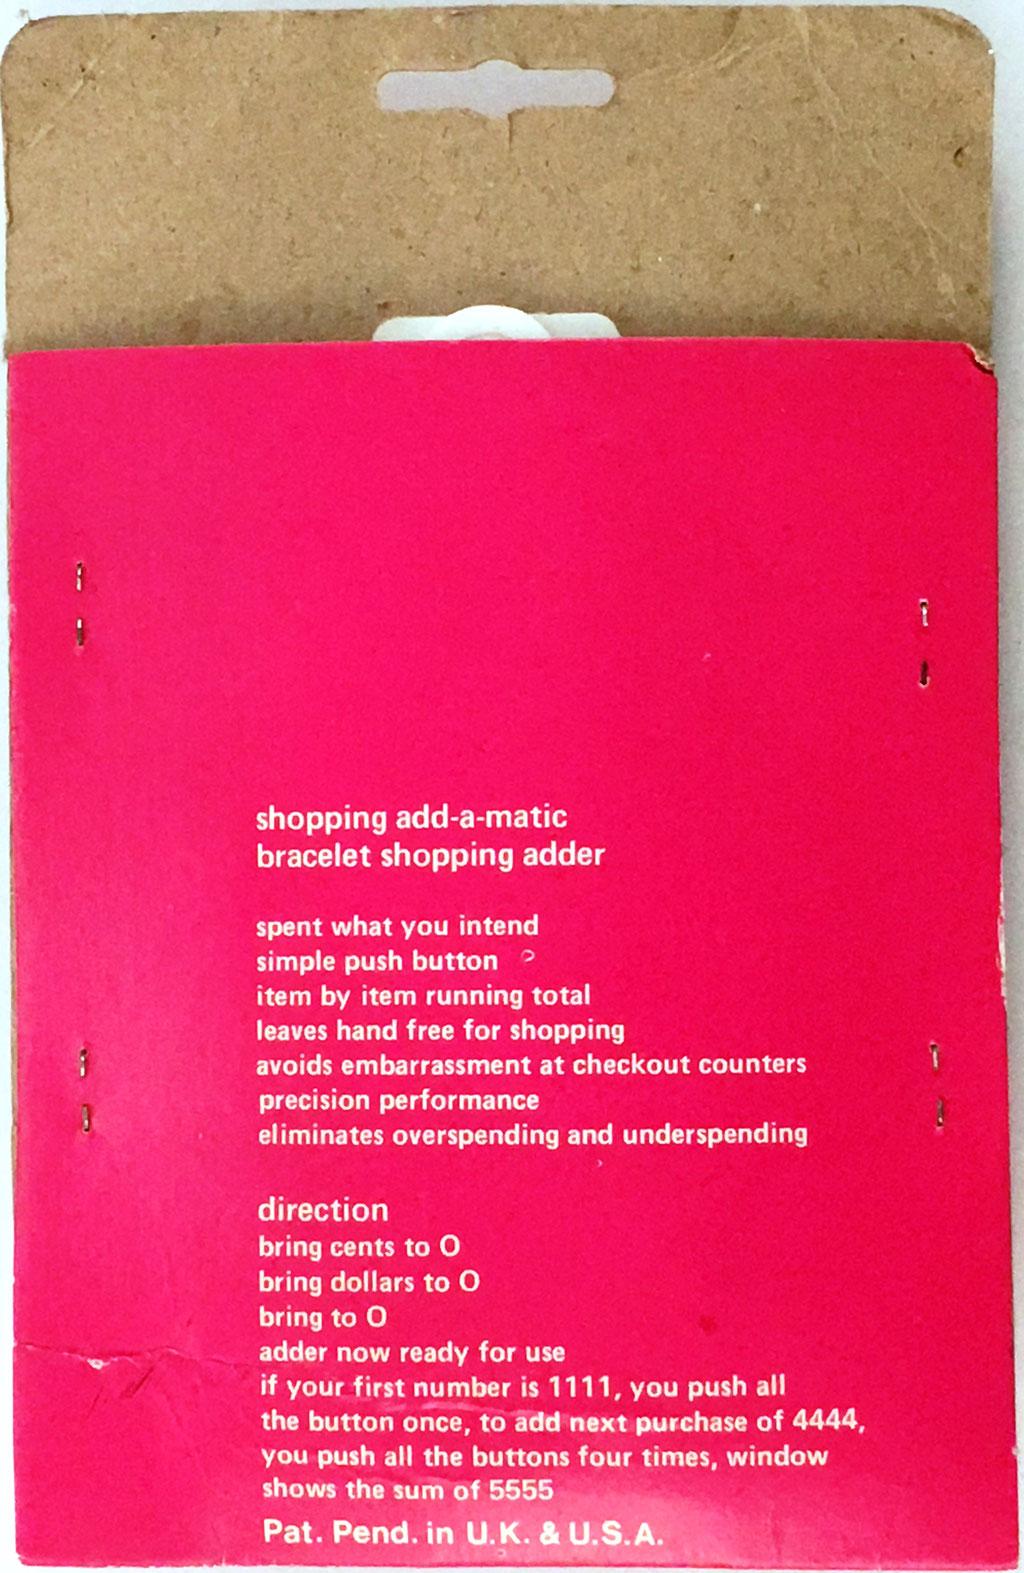 Reverso del envoltorio de la sumadora QUICK ADDER, Shopping Add-A-Matic, útil para no sobrepasar en la tienda la cantidad prefijada